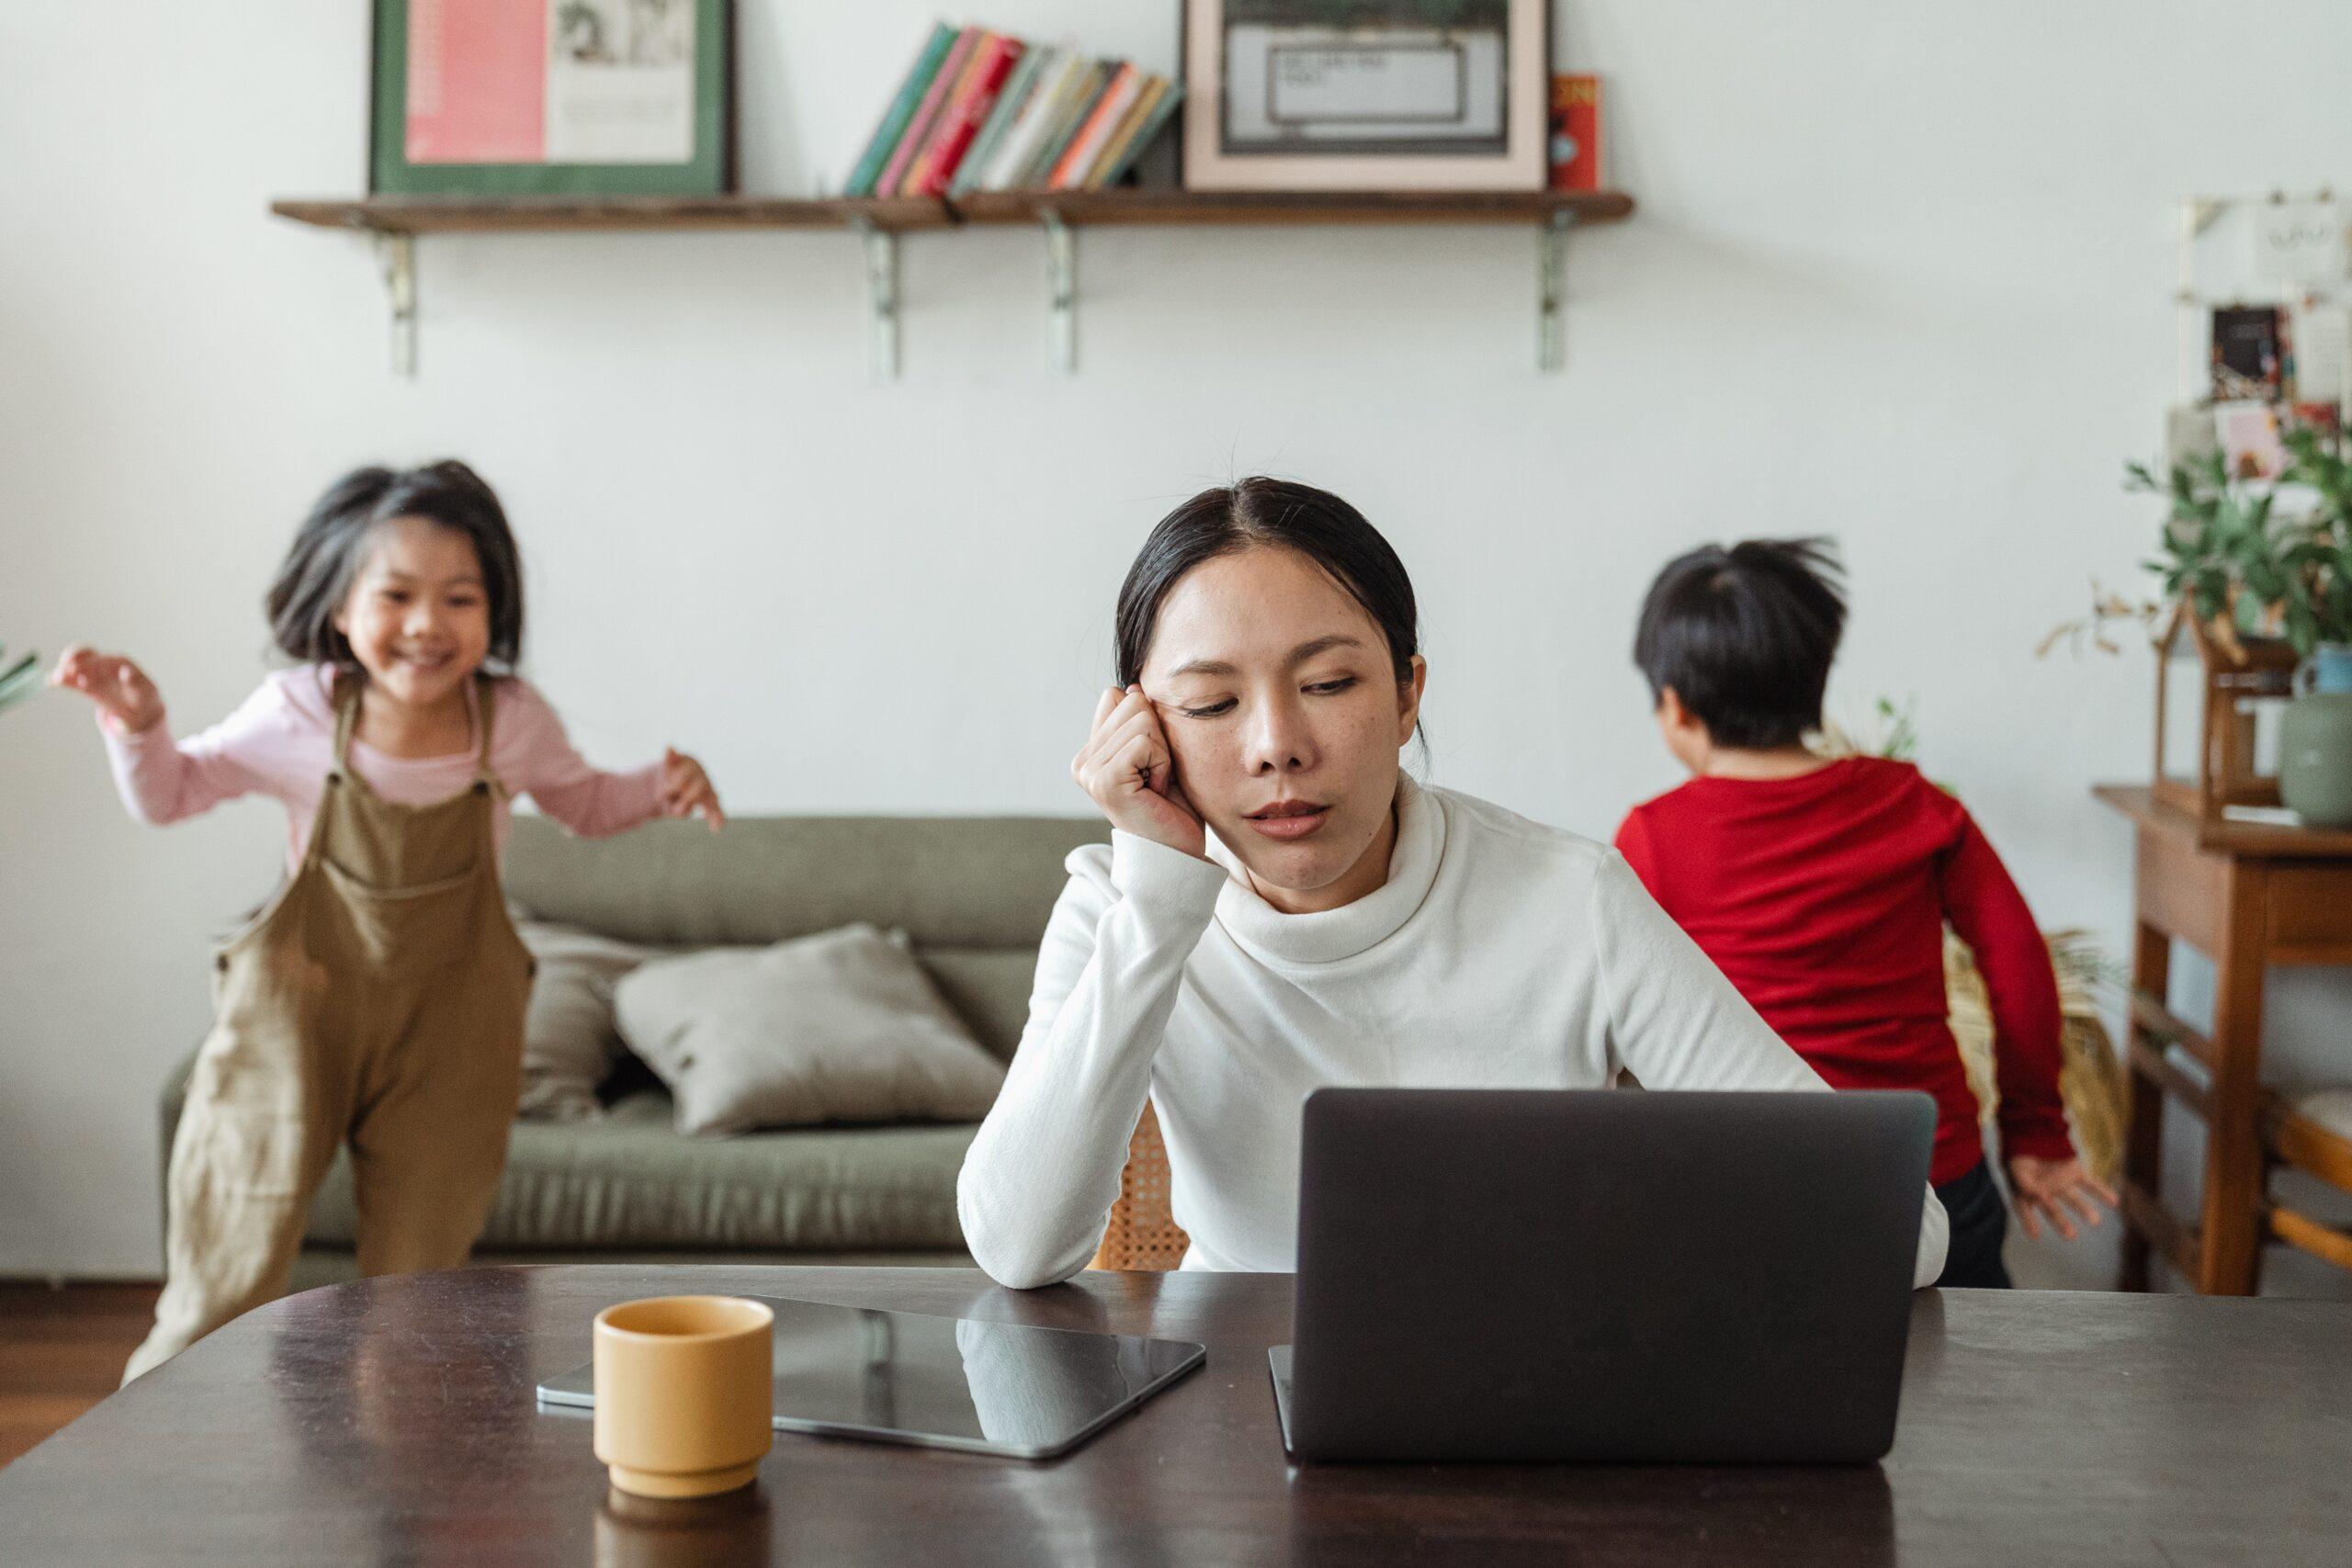 Une maman fatiguée qui a sa tête posée sur son bras droit devant son ordinateur et son café pendant que les enfants courent derrière